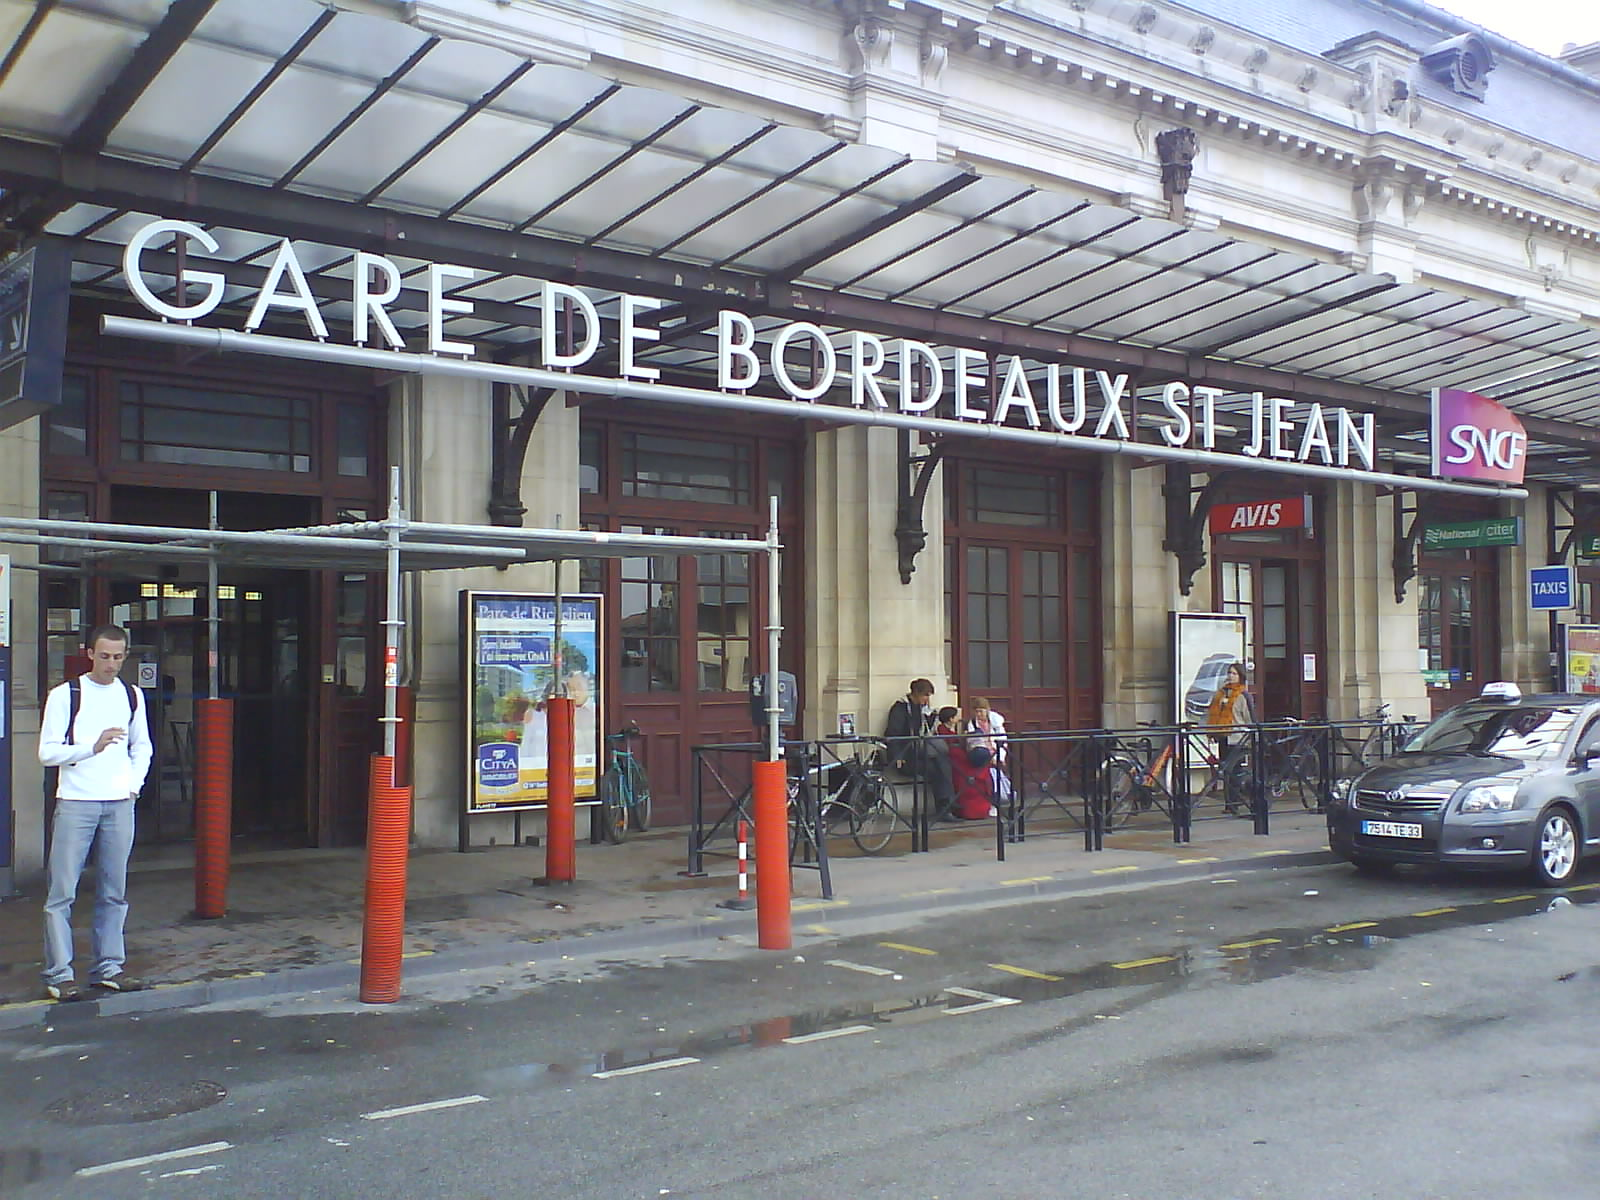 train station bordeaux St Jean By Jean-Louis Lascoux (l'auteur) [GFDL (http://www.gnu.org/copyleft/fdl.html)